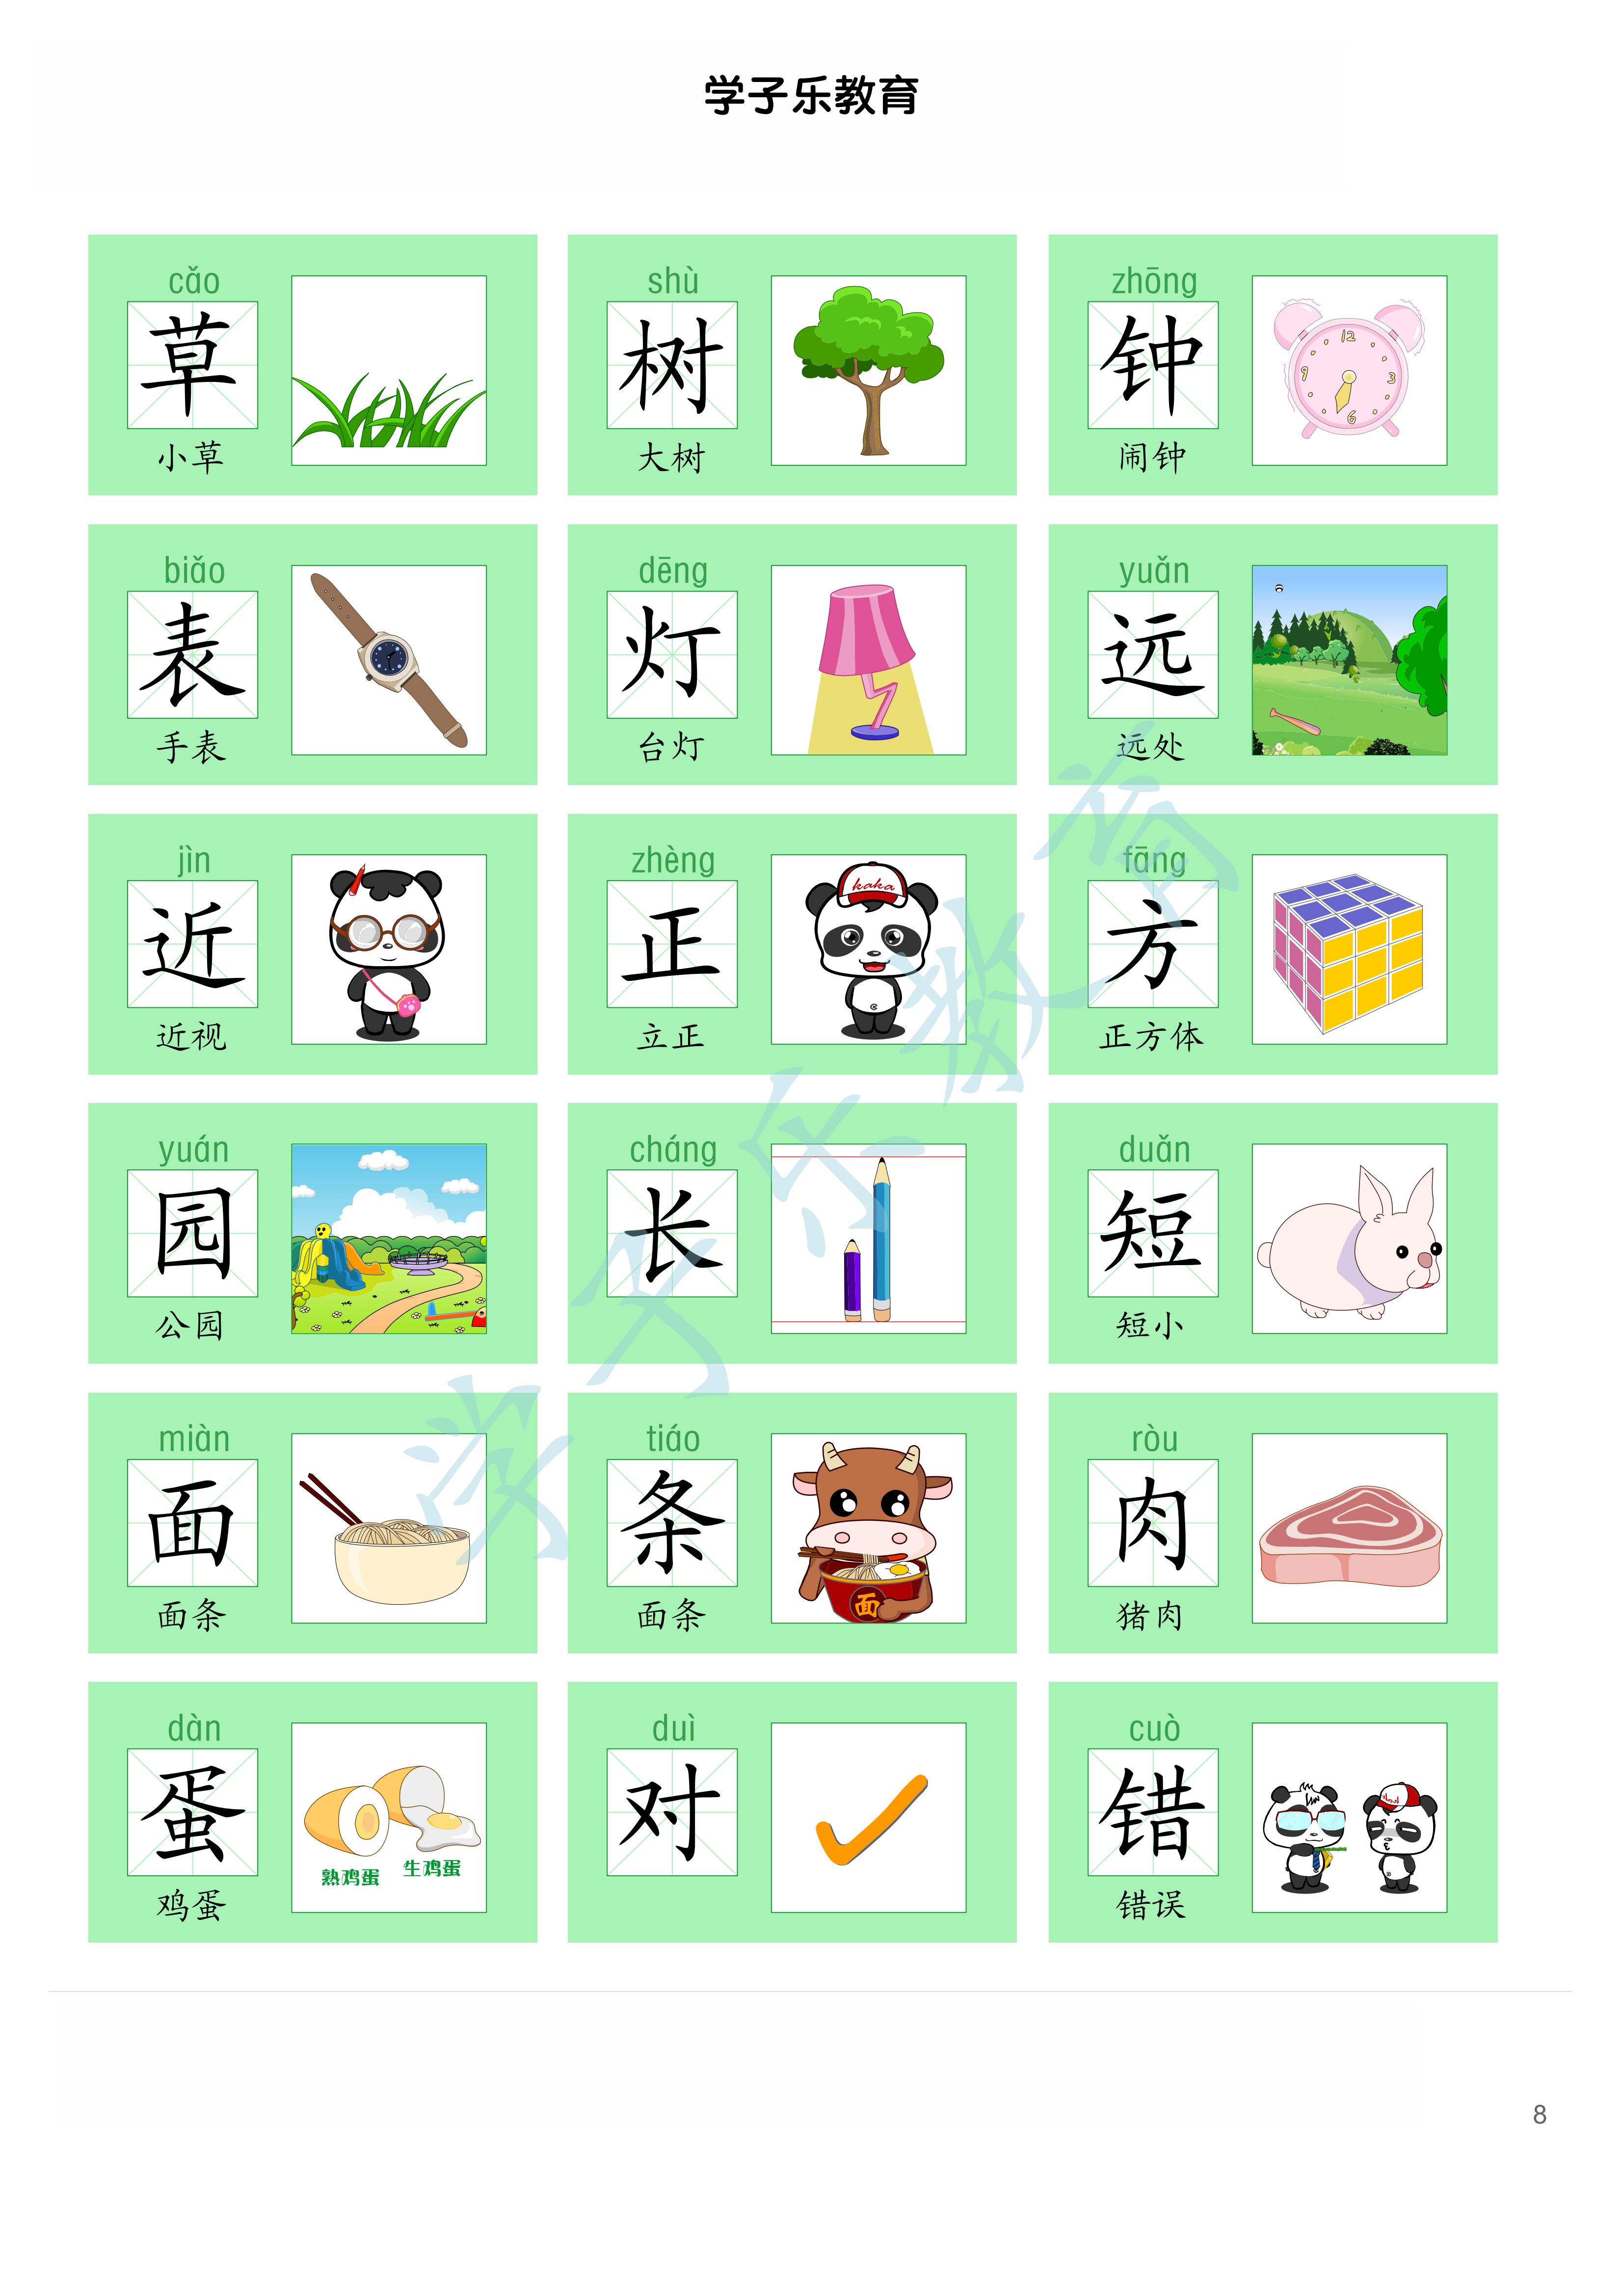 图文识字免费的软件(图文识字怎么用)插图7